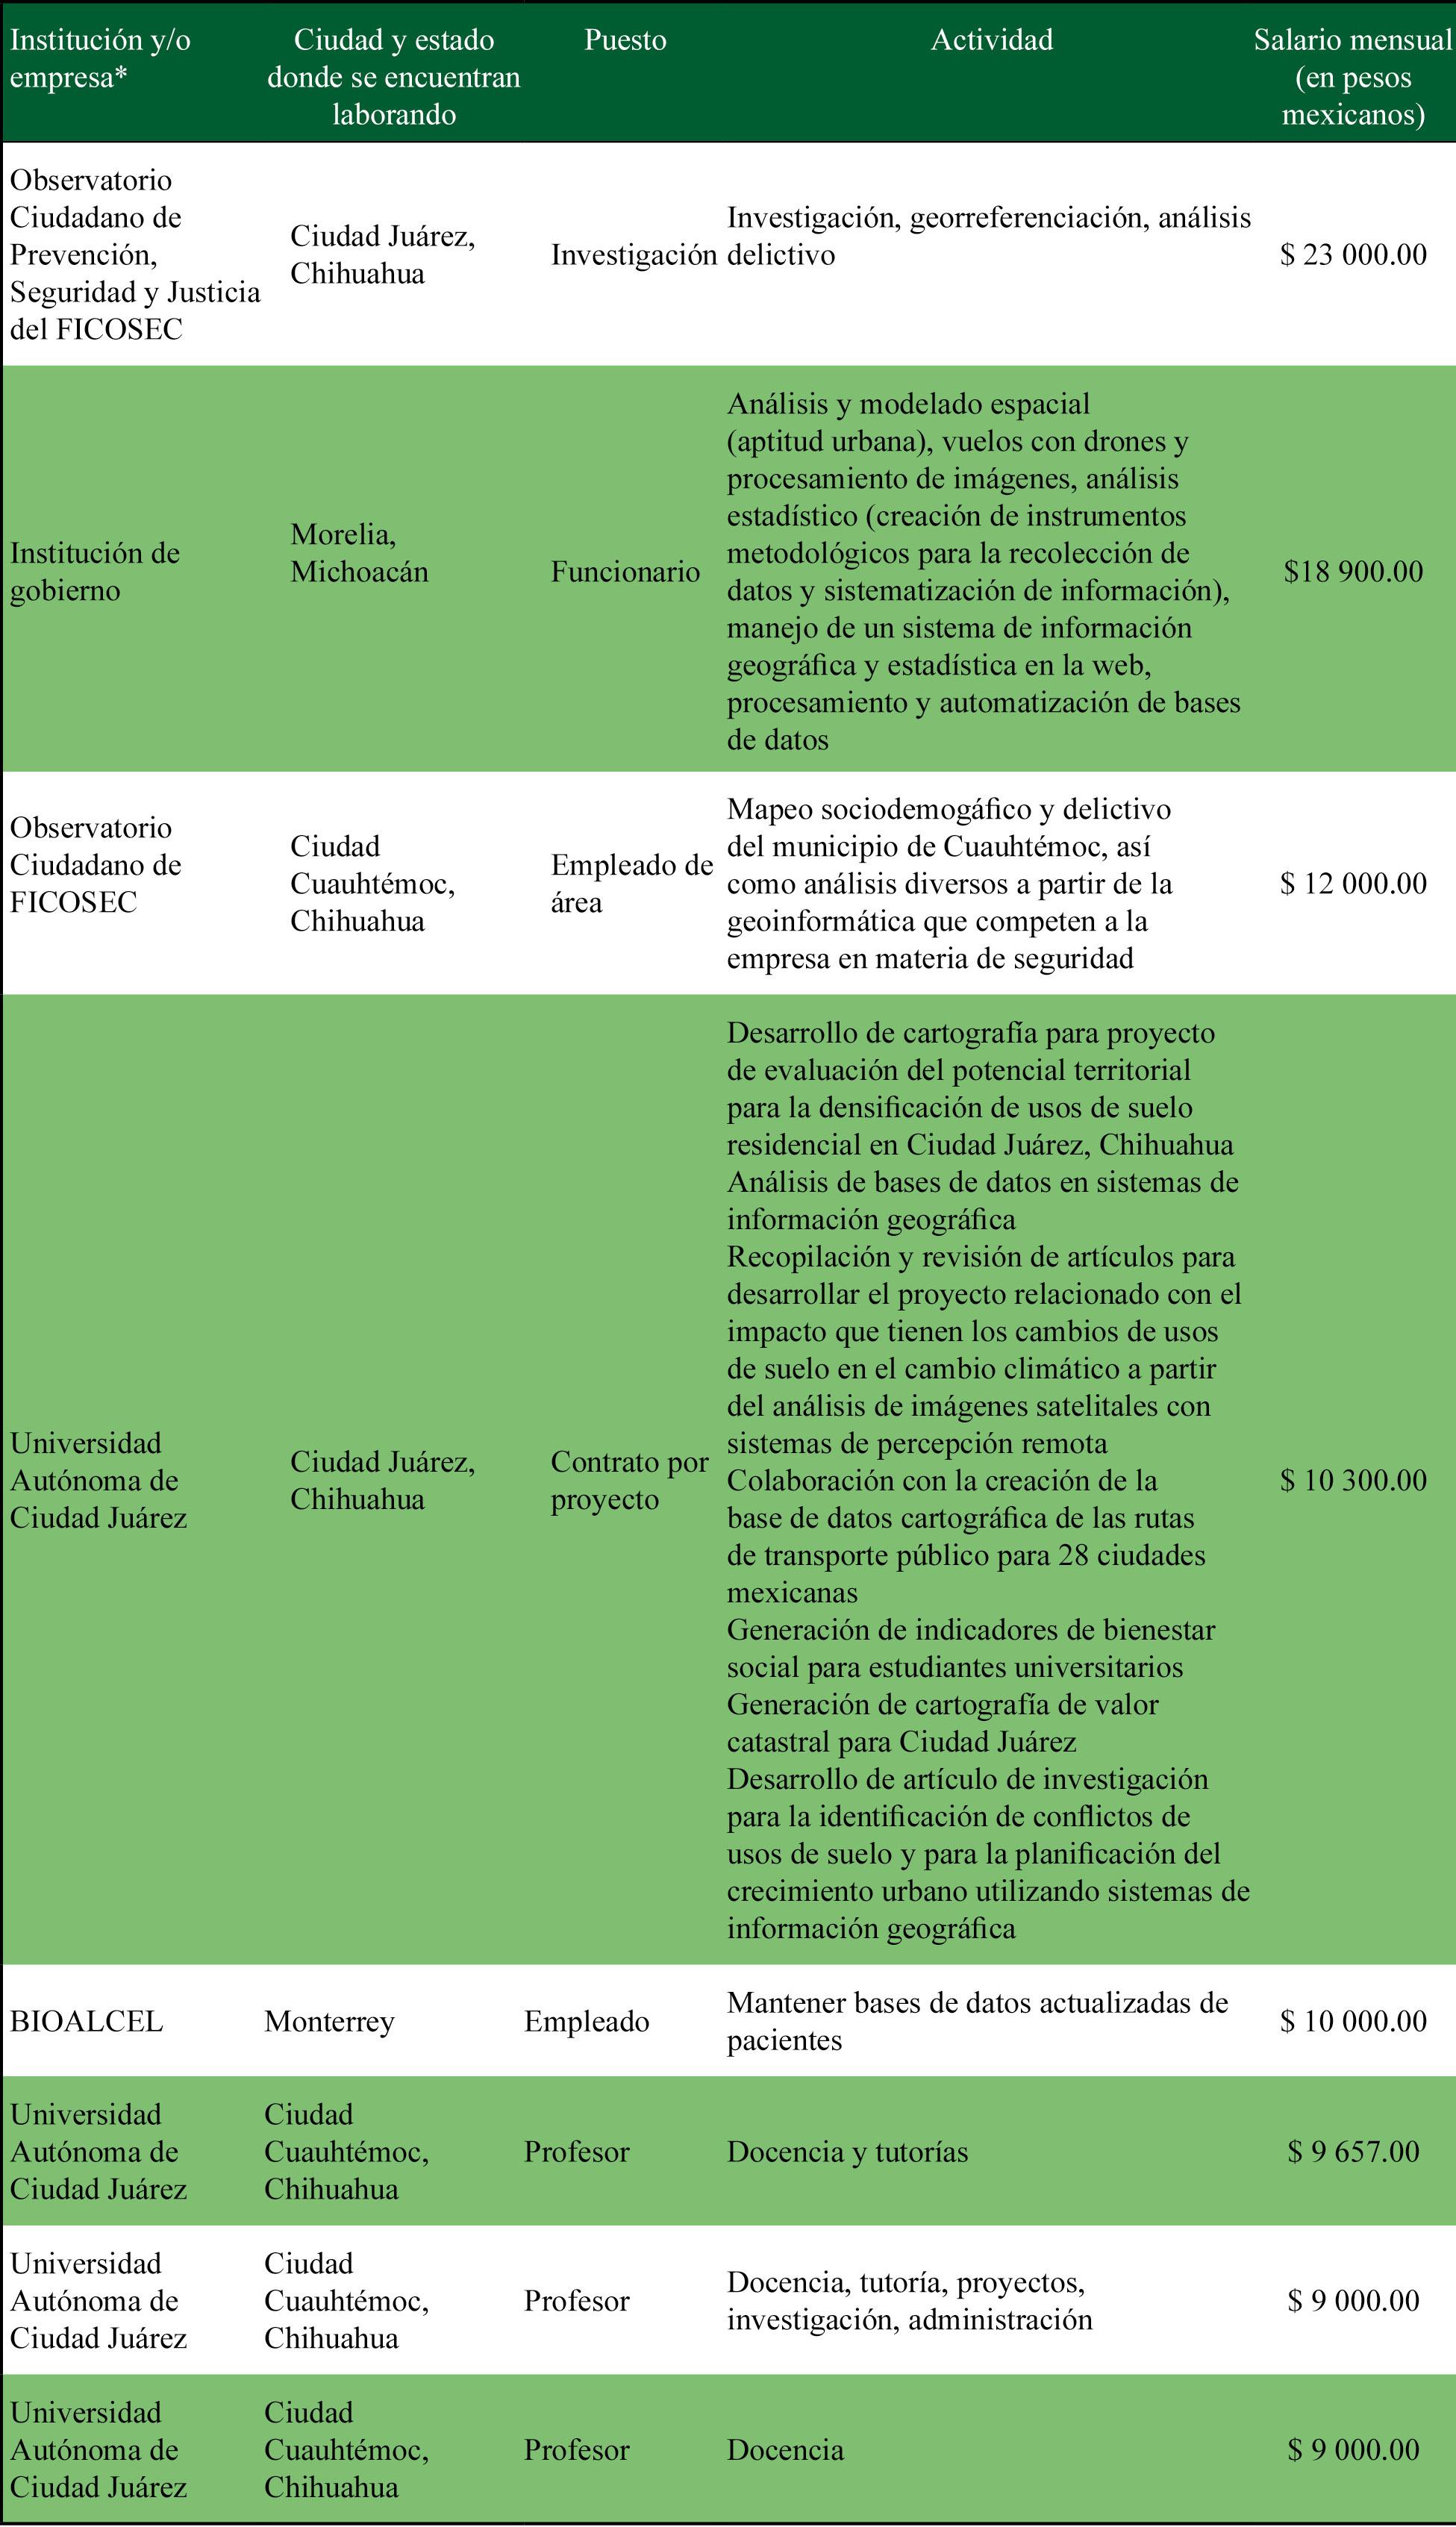 Características laborales de egresados que trabajan en áreas afines a la geoinformática, 2017